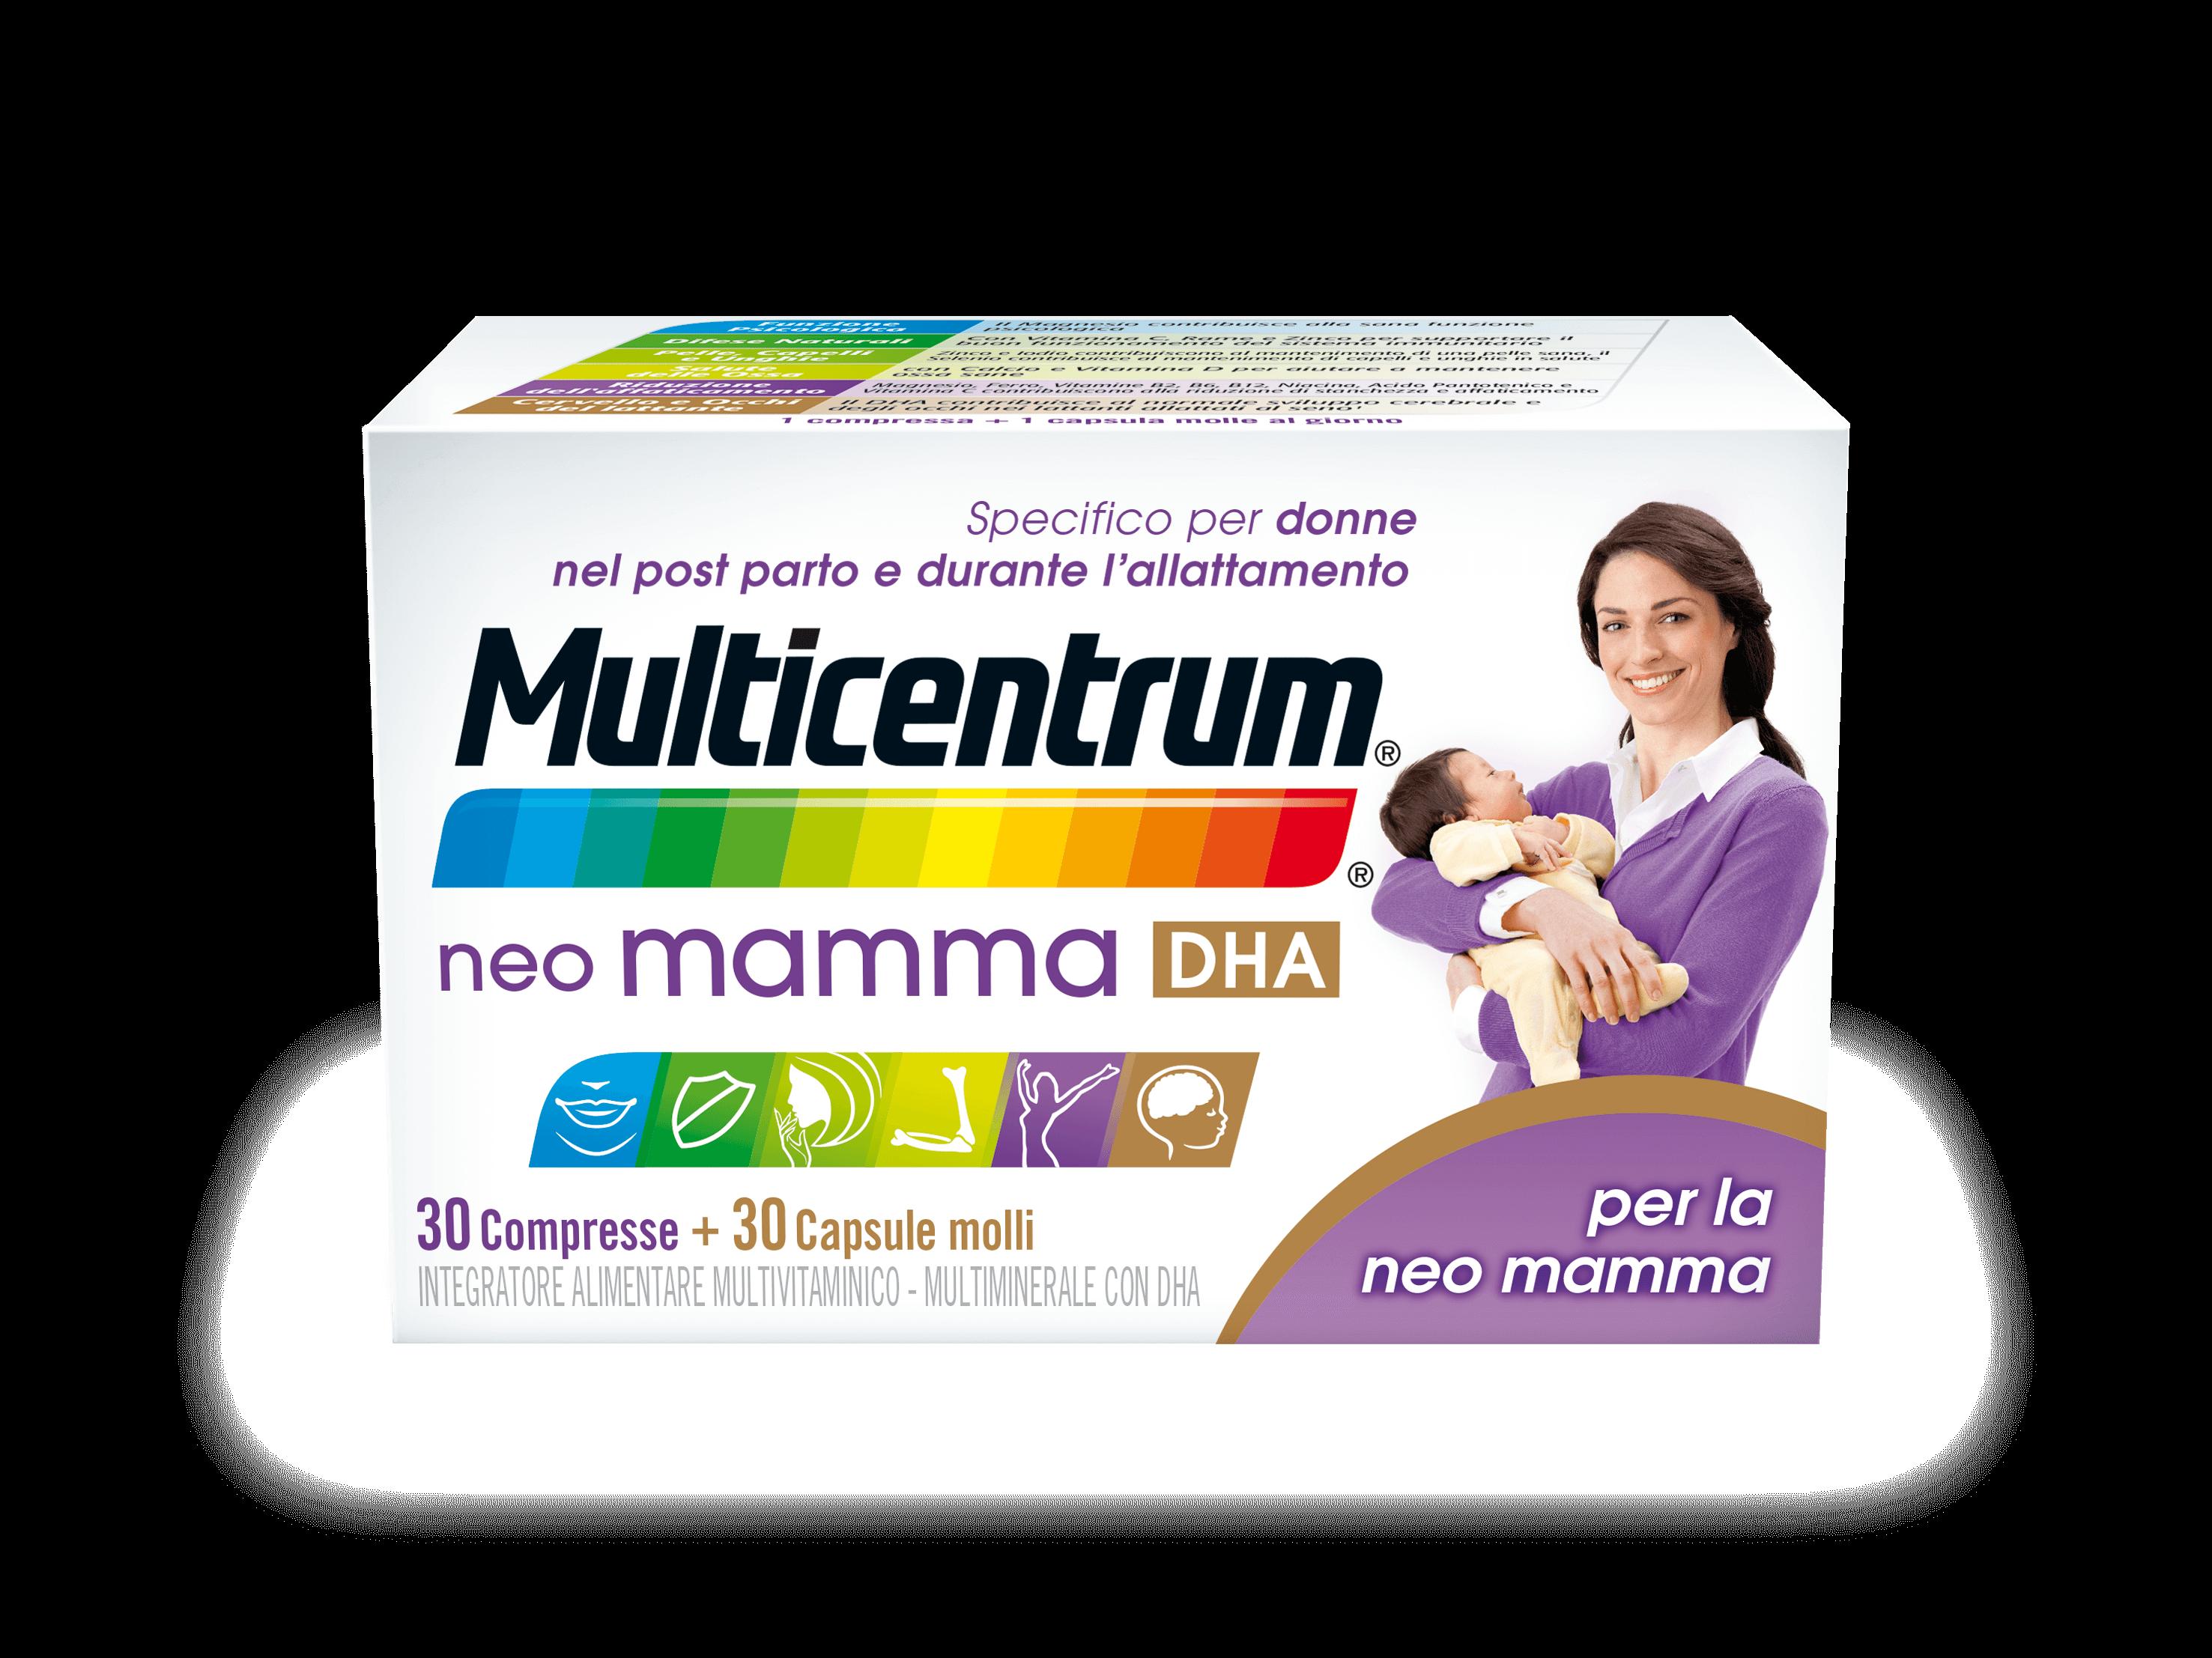 Multicentrum neo mamma DHA 30